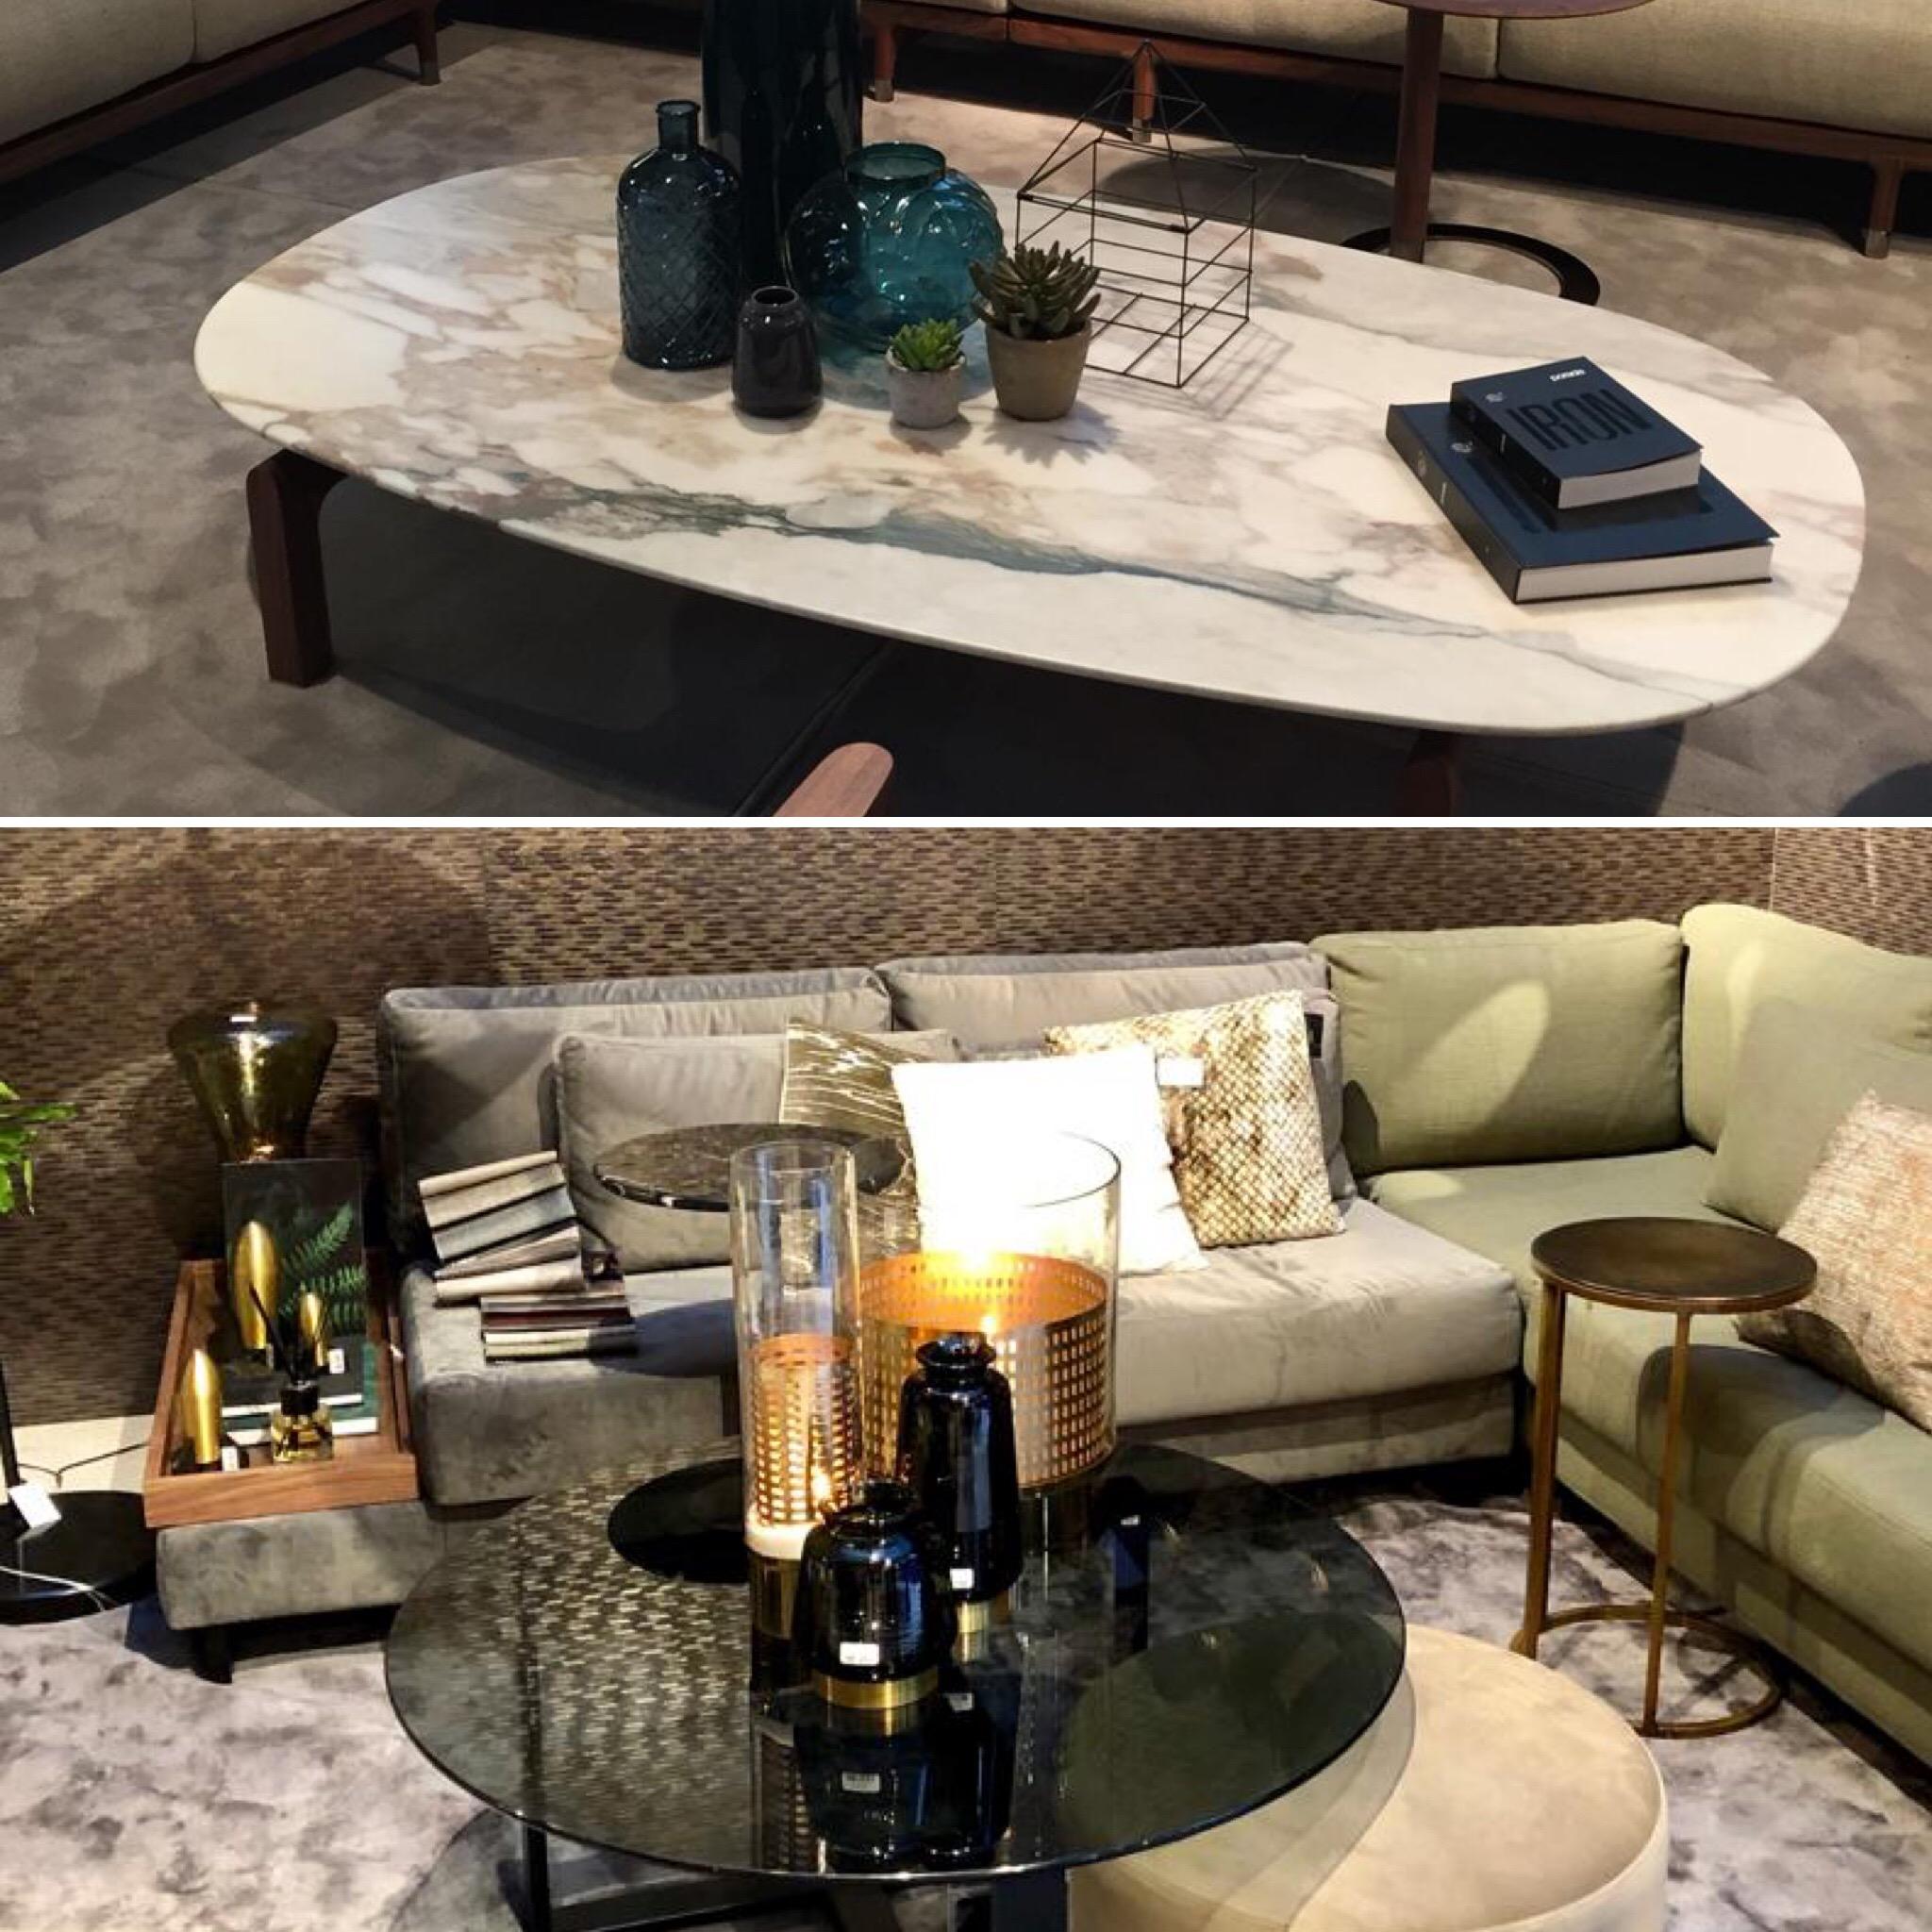 Matériaux tendance 2019: le marbre et le verre teinté